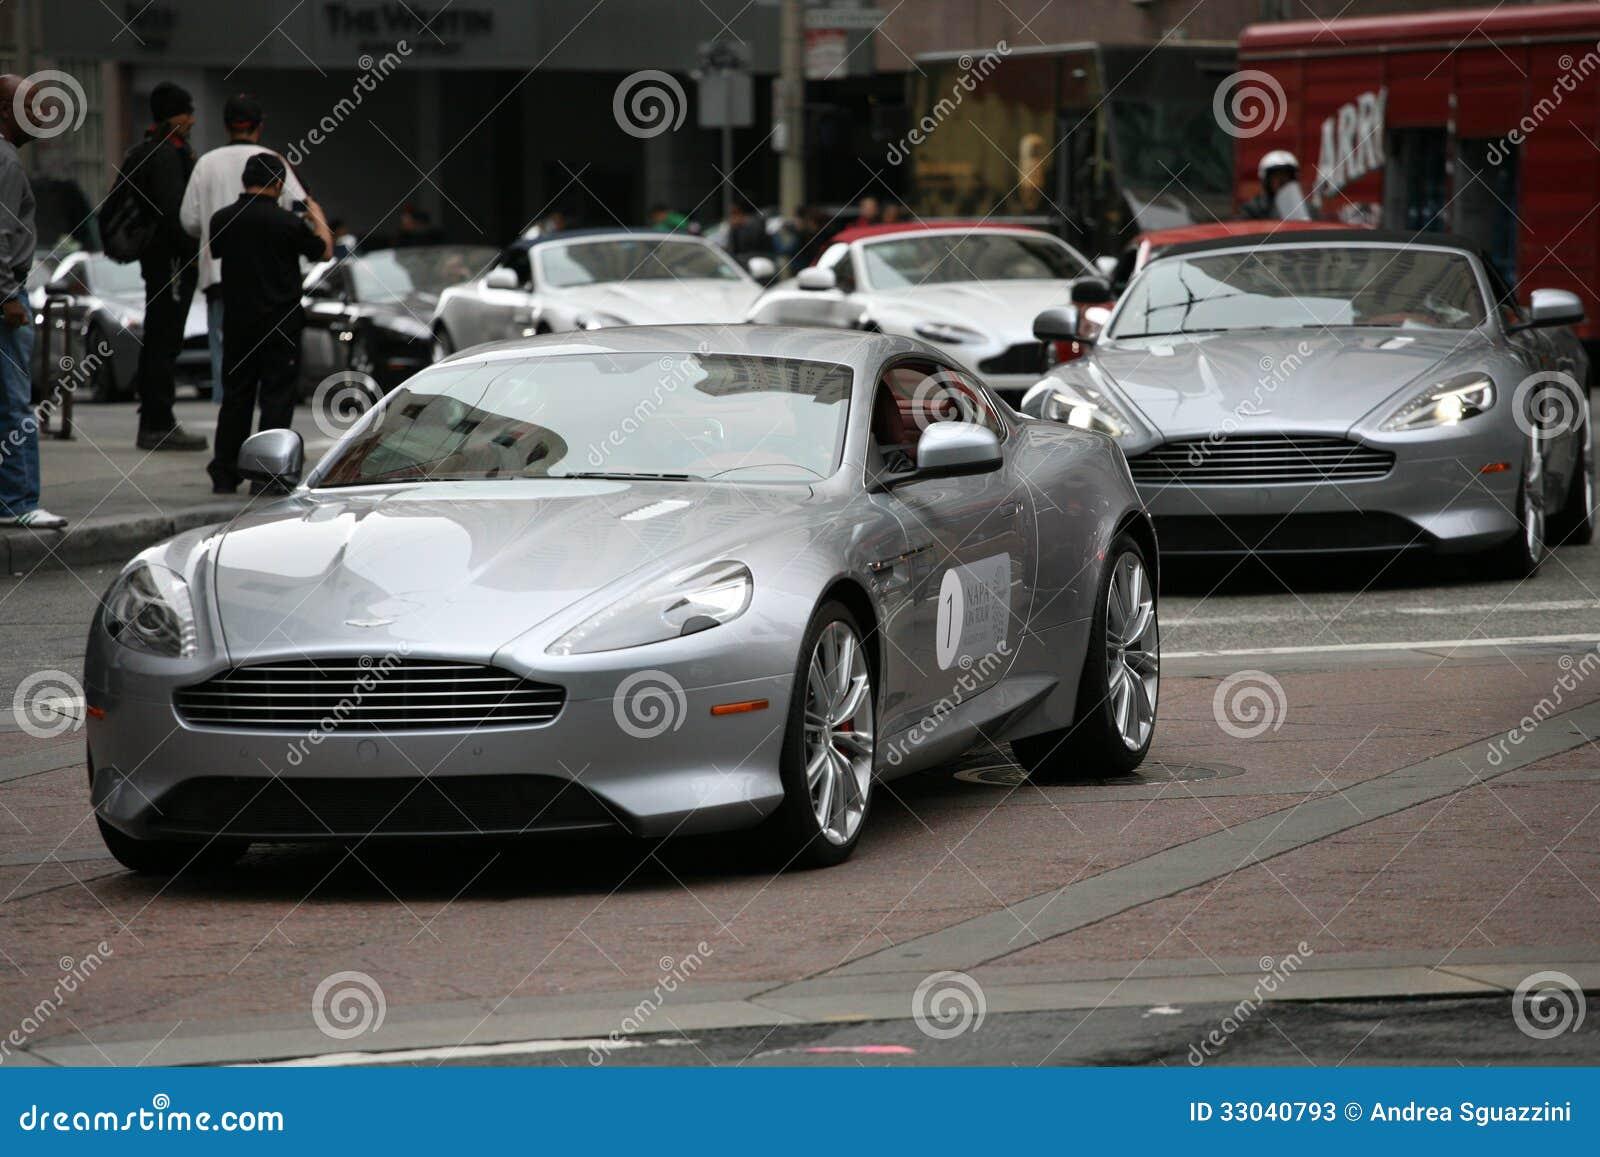 Aston Martin Rally In San Francisco Editorial Stock Photo ... | aston martin san francisco